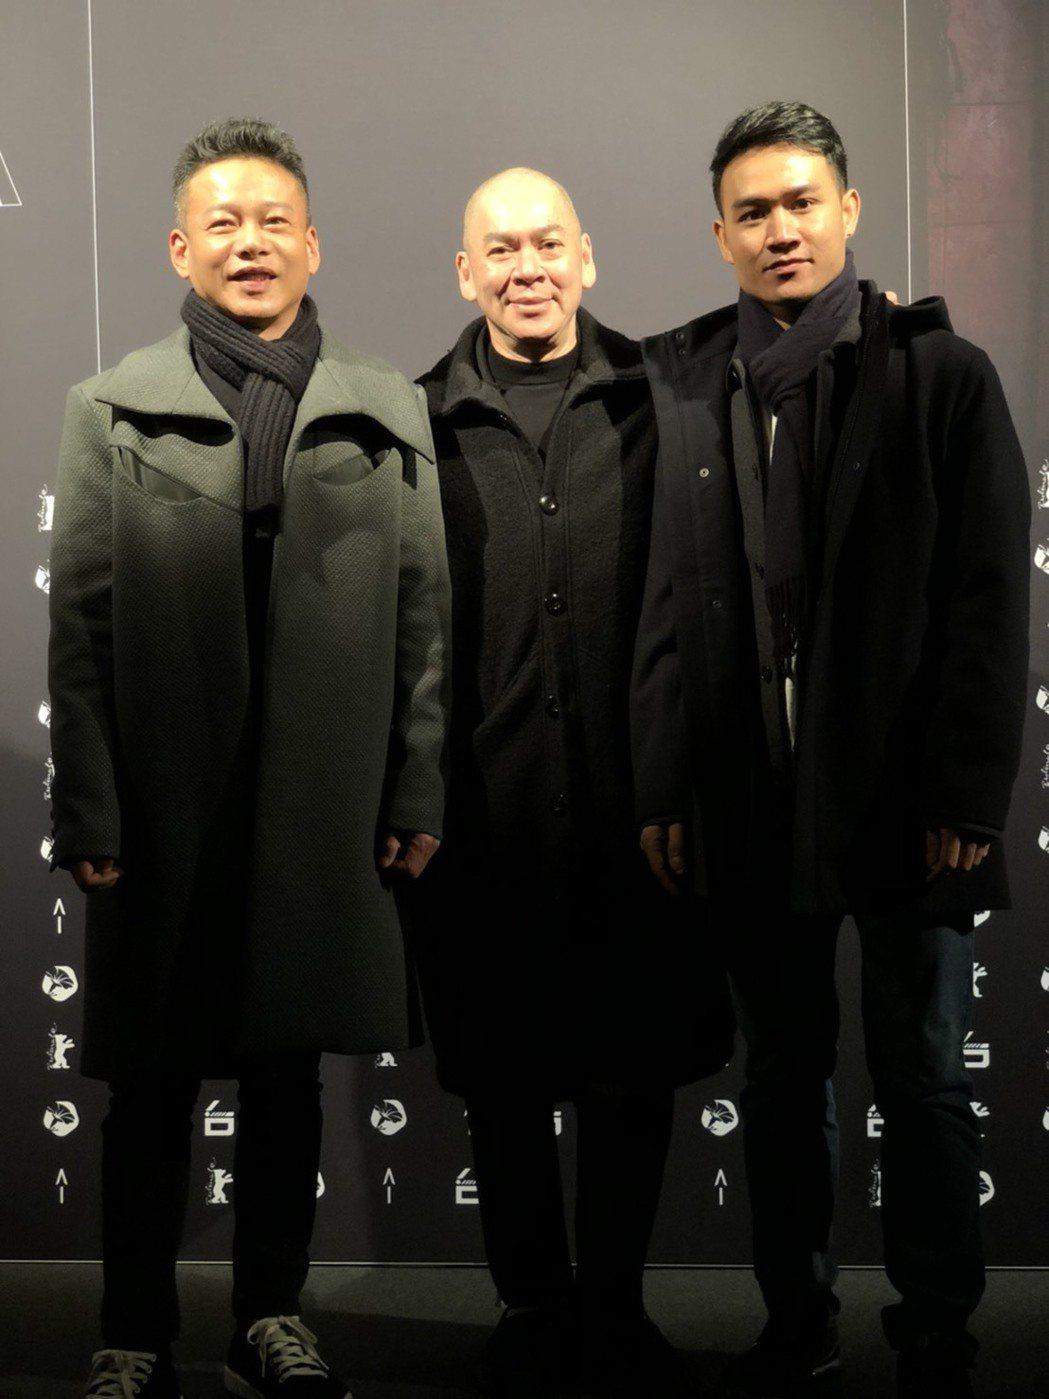 導演蔡明亮(中)與「日子」男主角李康生(左)和亞儂弘尚希(右)共同亮相台灣之夜。